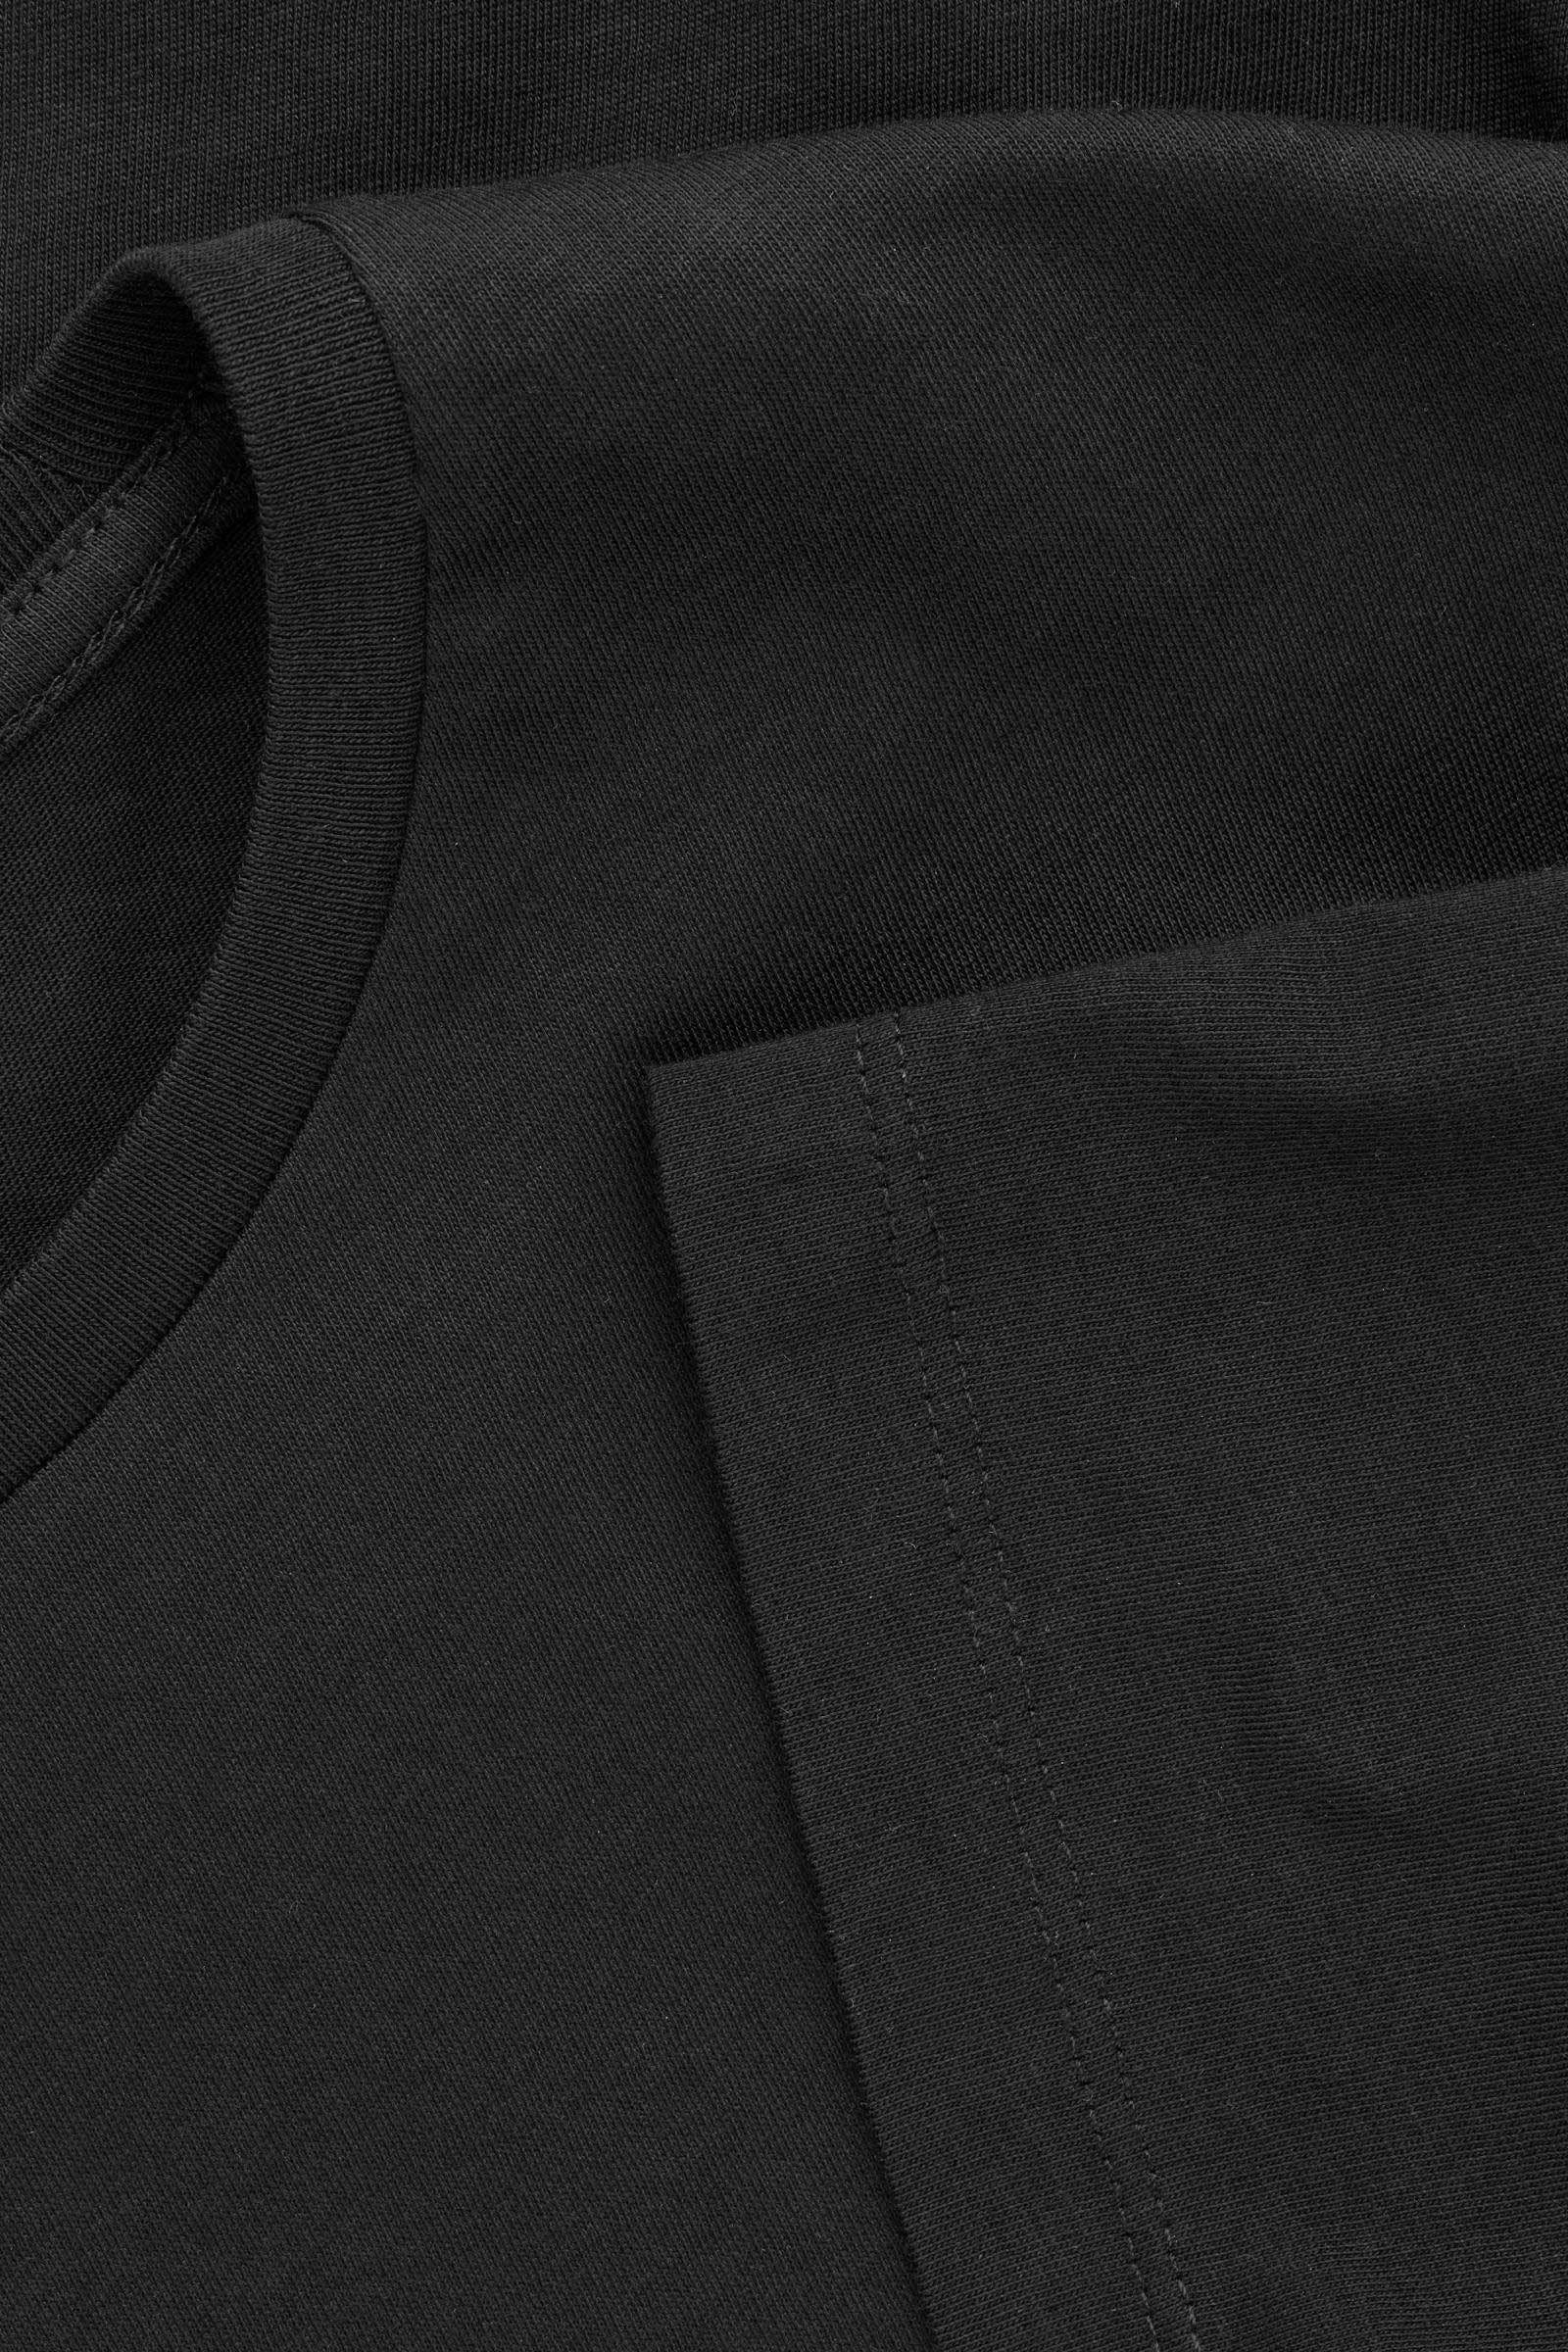 COS 라운드 넥 티셔츠의 블랙컬러 Product입니다.